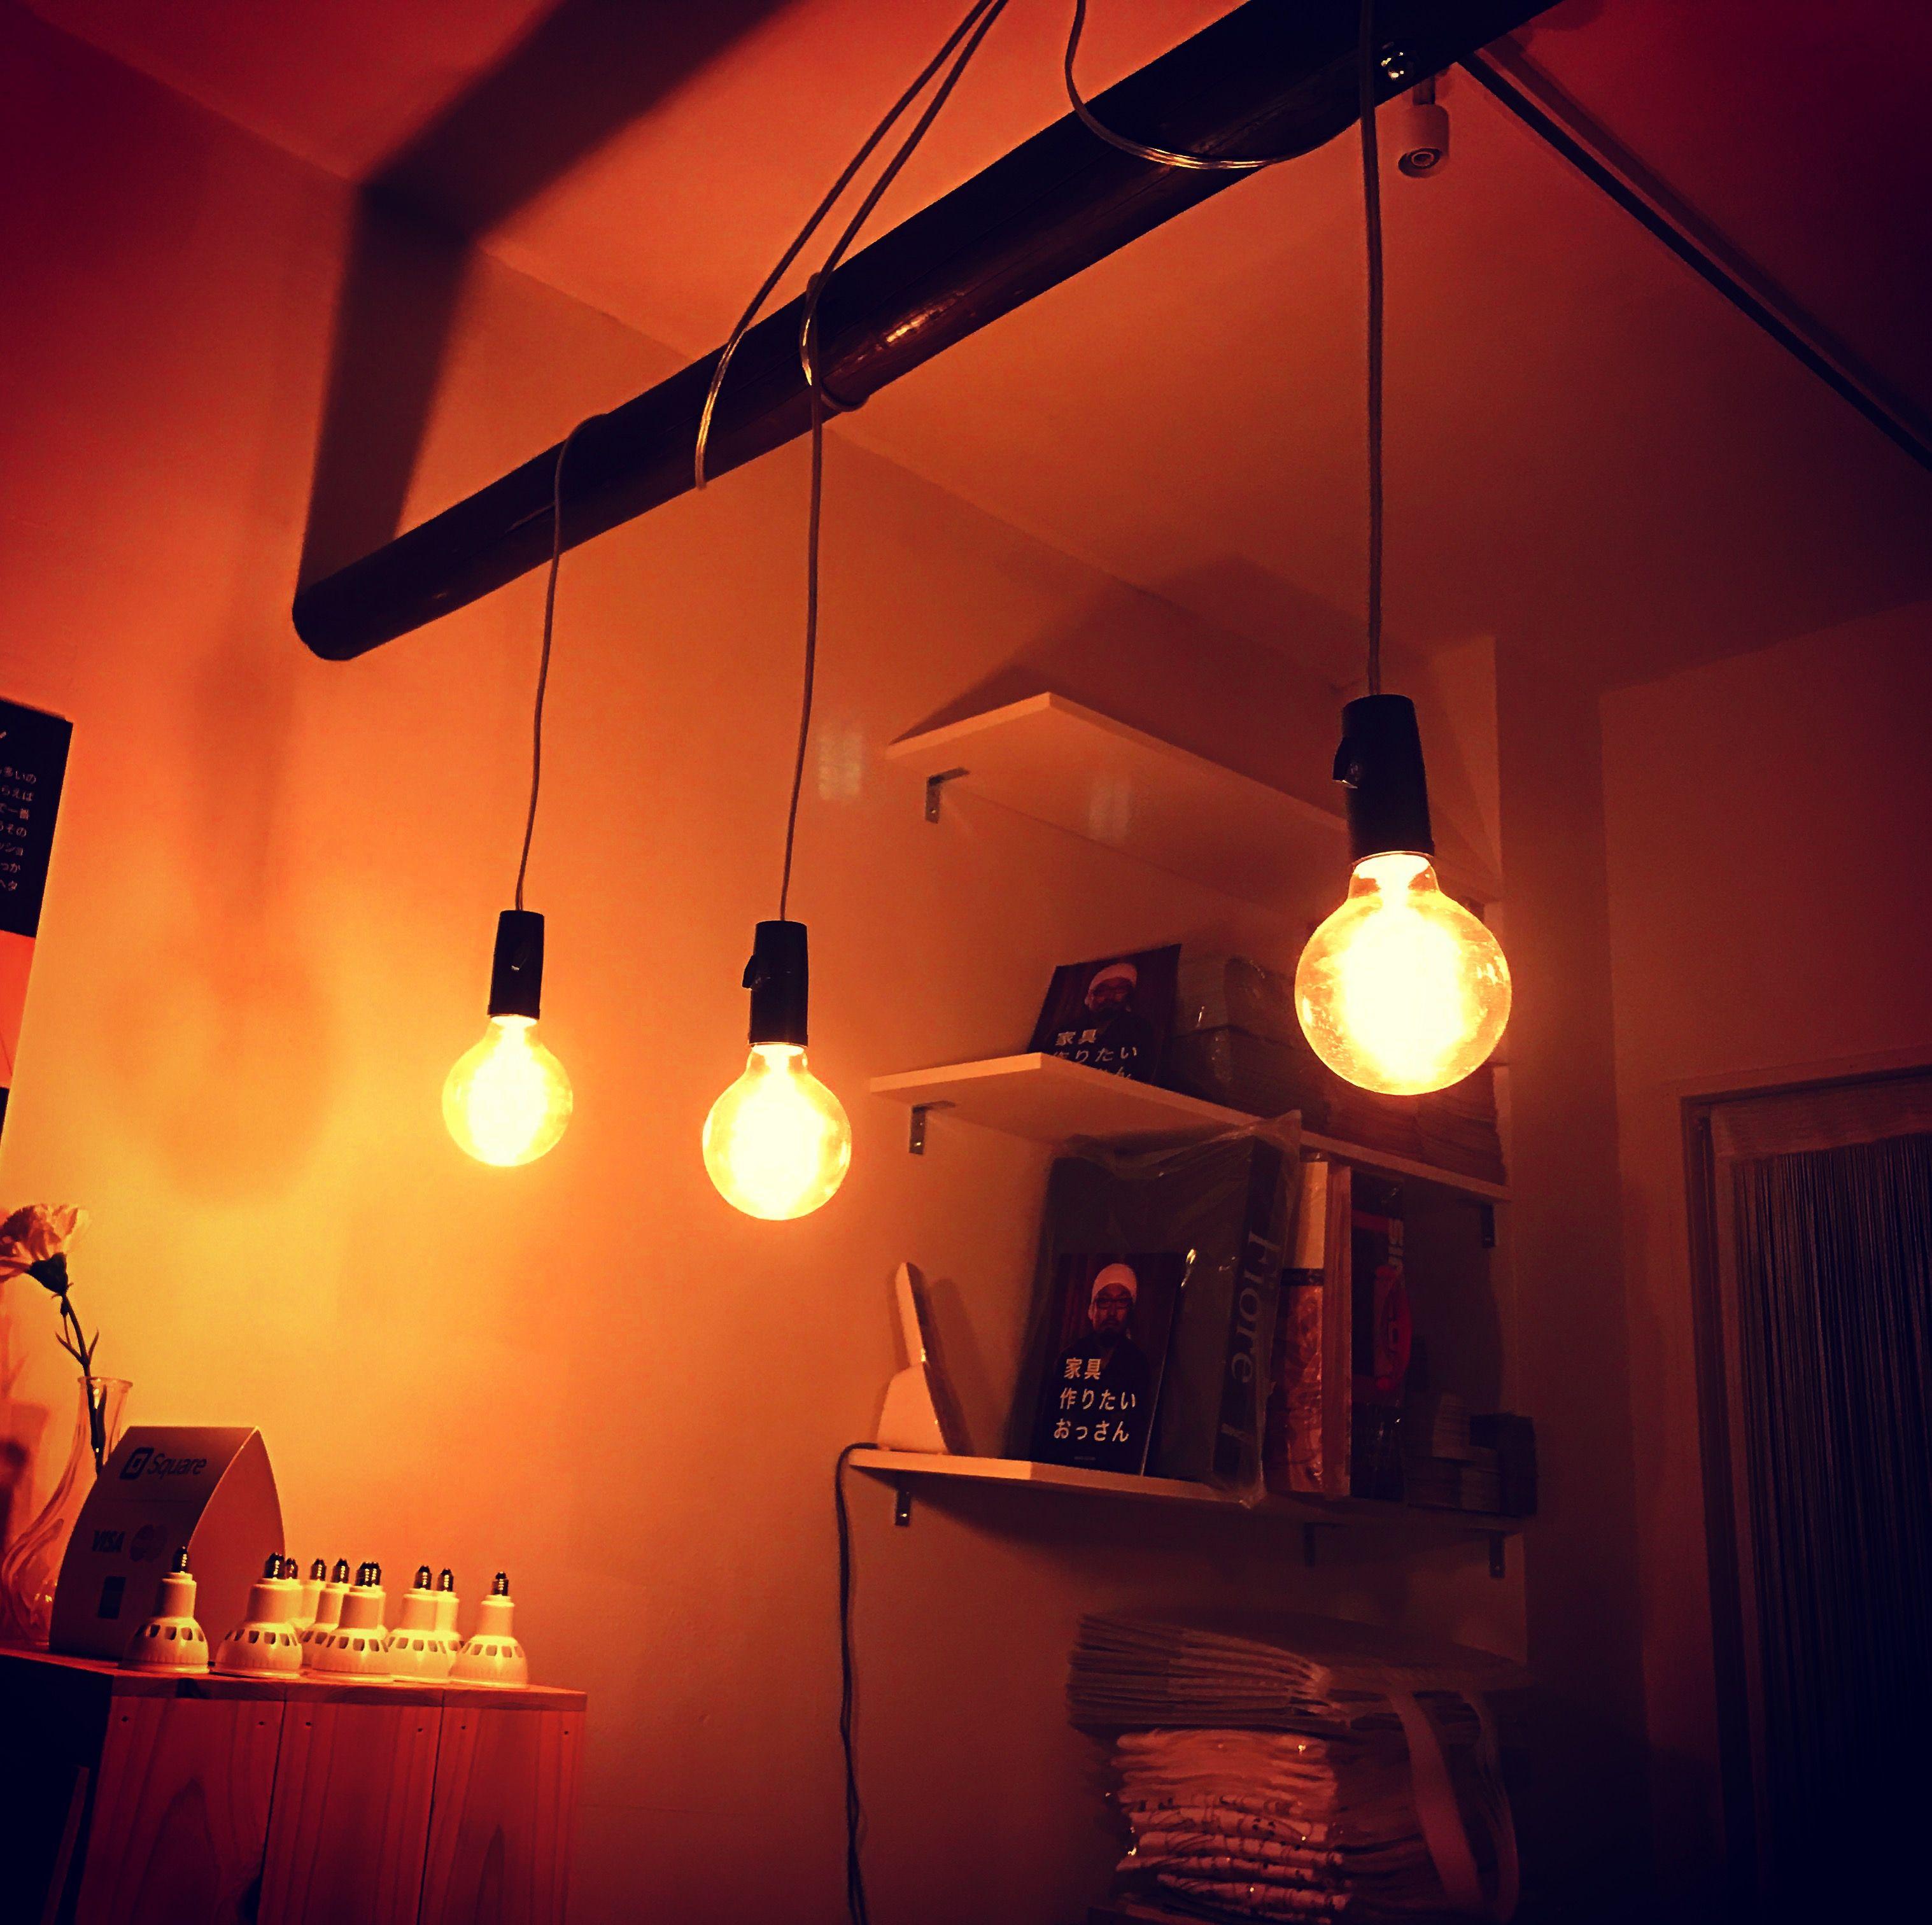 LED球を全部取り外してエジソン電球だけの明かりにした店内